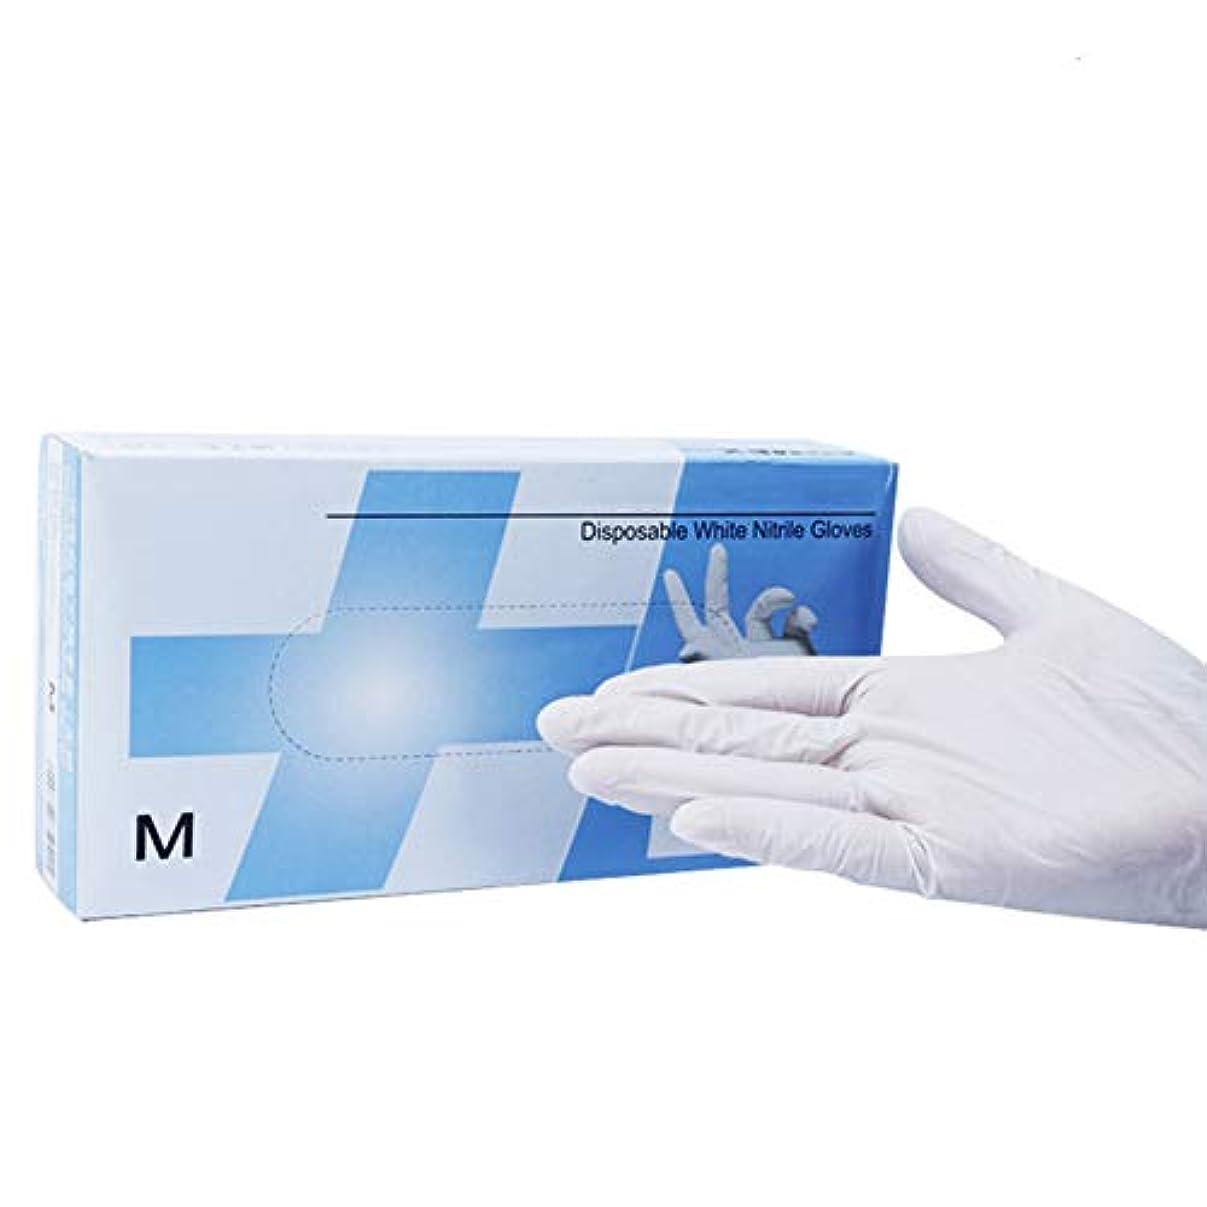 推進机生き残りパウダーフリー 生殖不能 メディカル 白 ニトリル 手袋、 使い捨て 安全性 滑り止め ビニール 検査 グローブ、 に適し クリーニング、 食品加工、 (100個/ 1箱),M